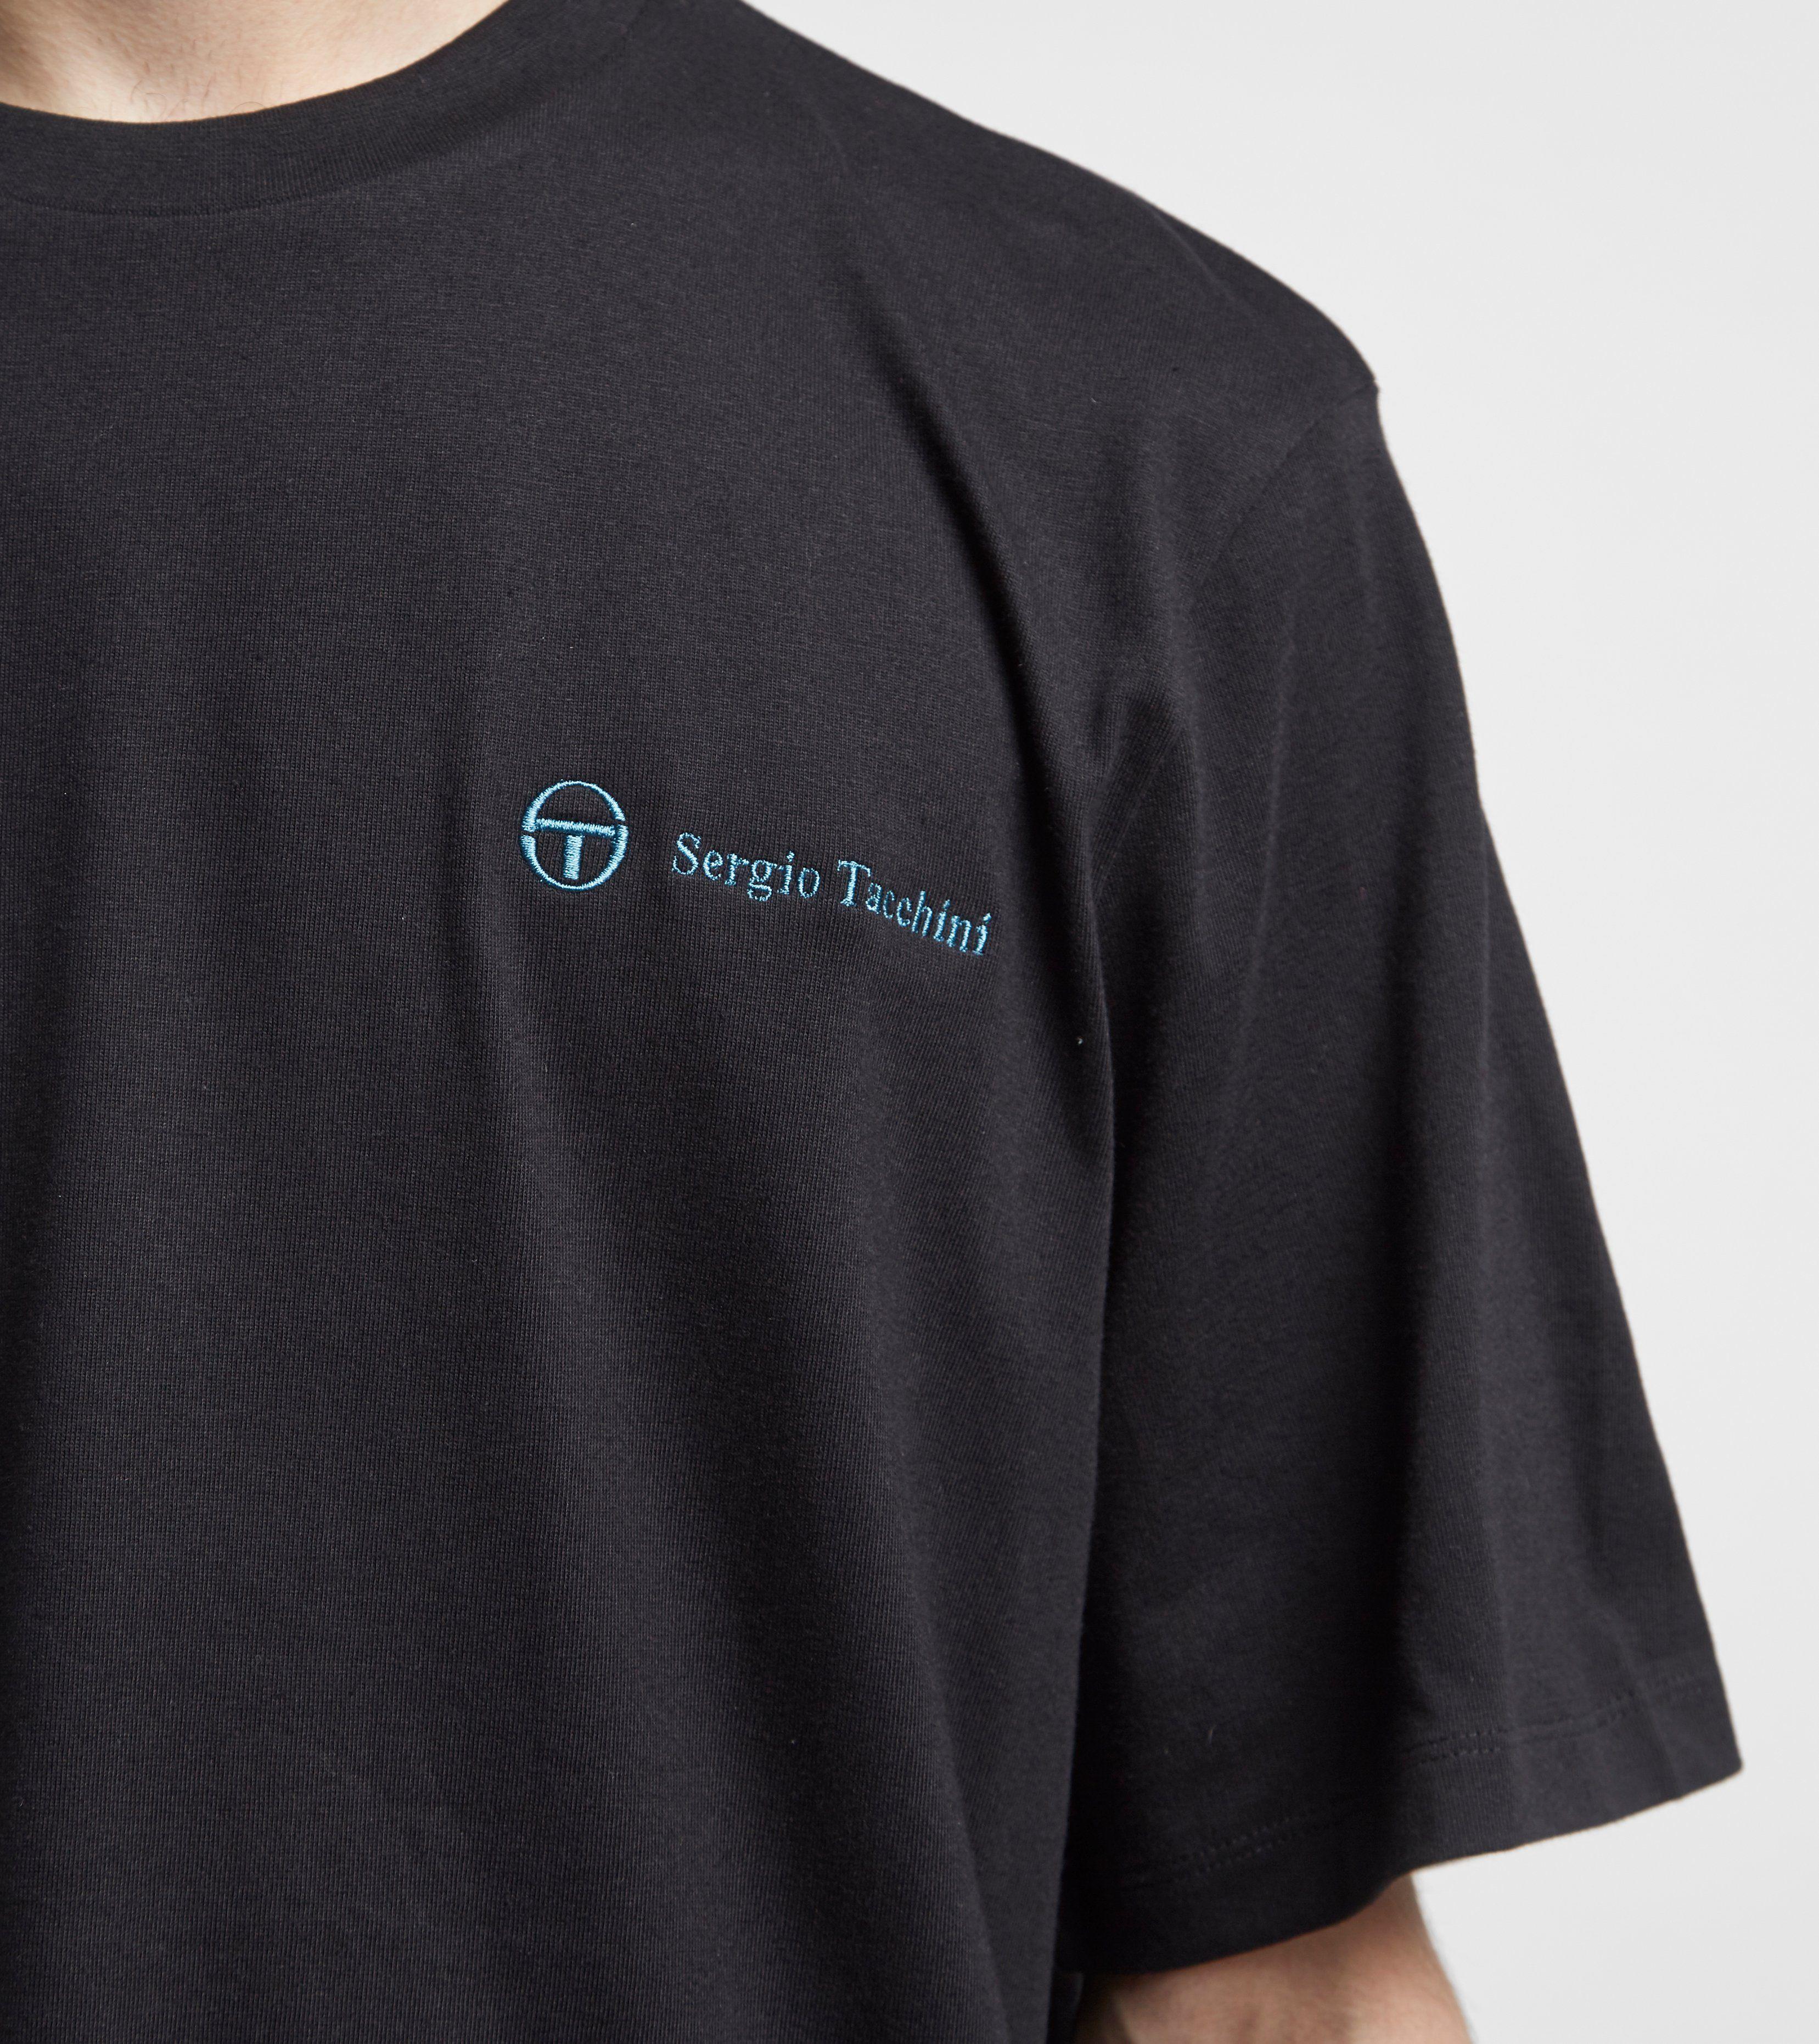 Sergio Tacchini Jimmy Box T-Shirt